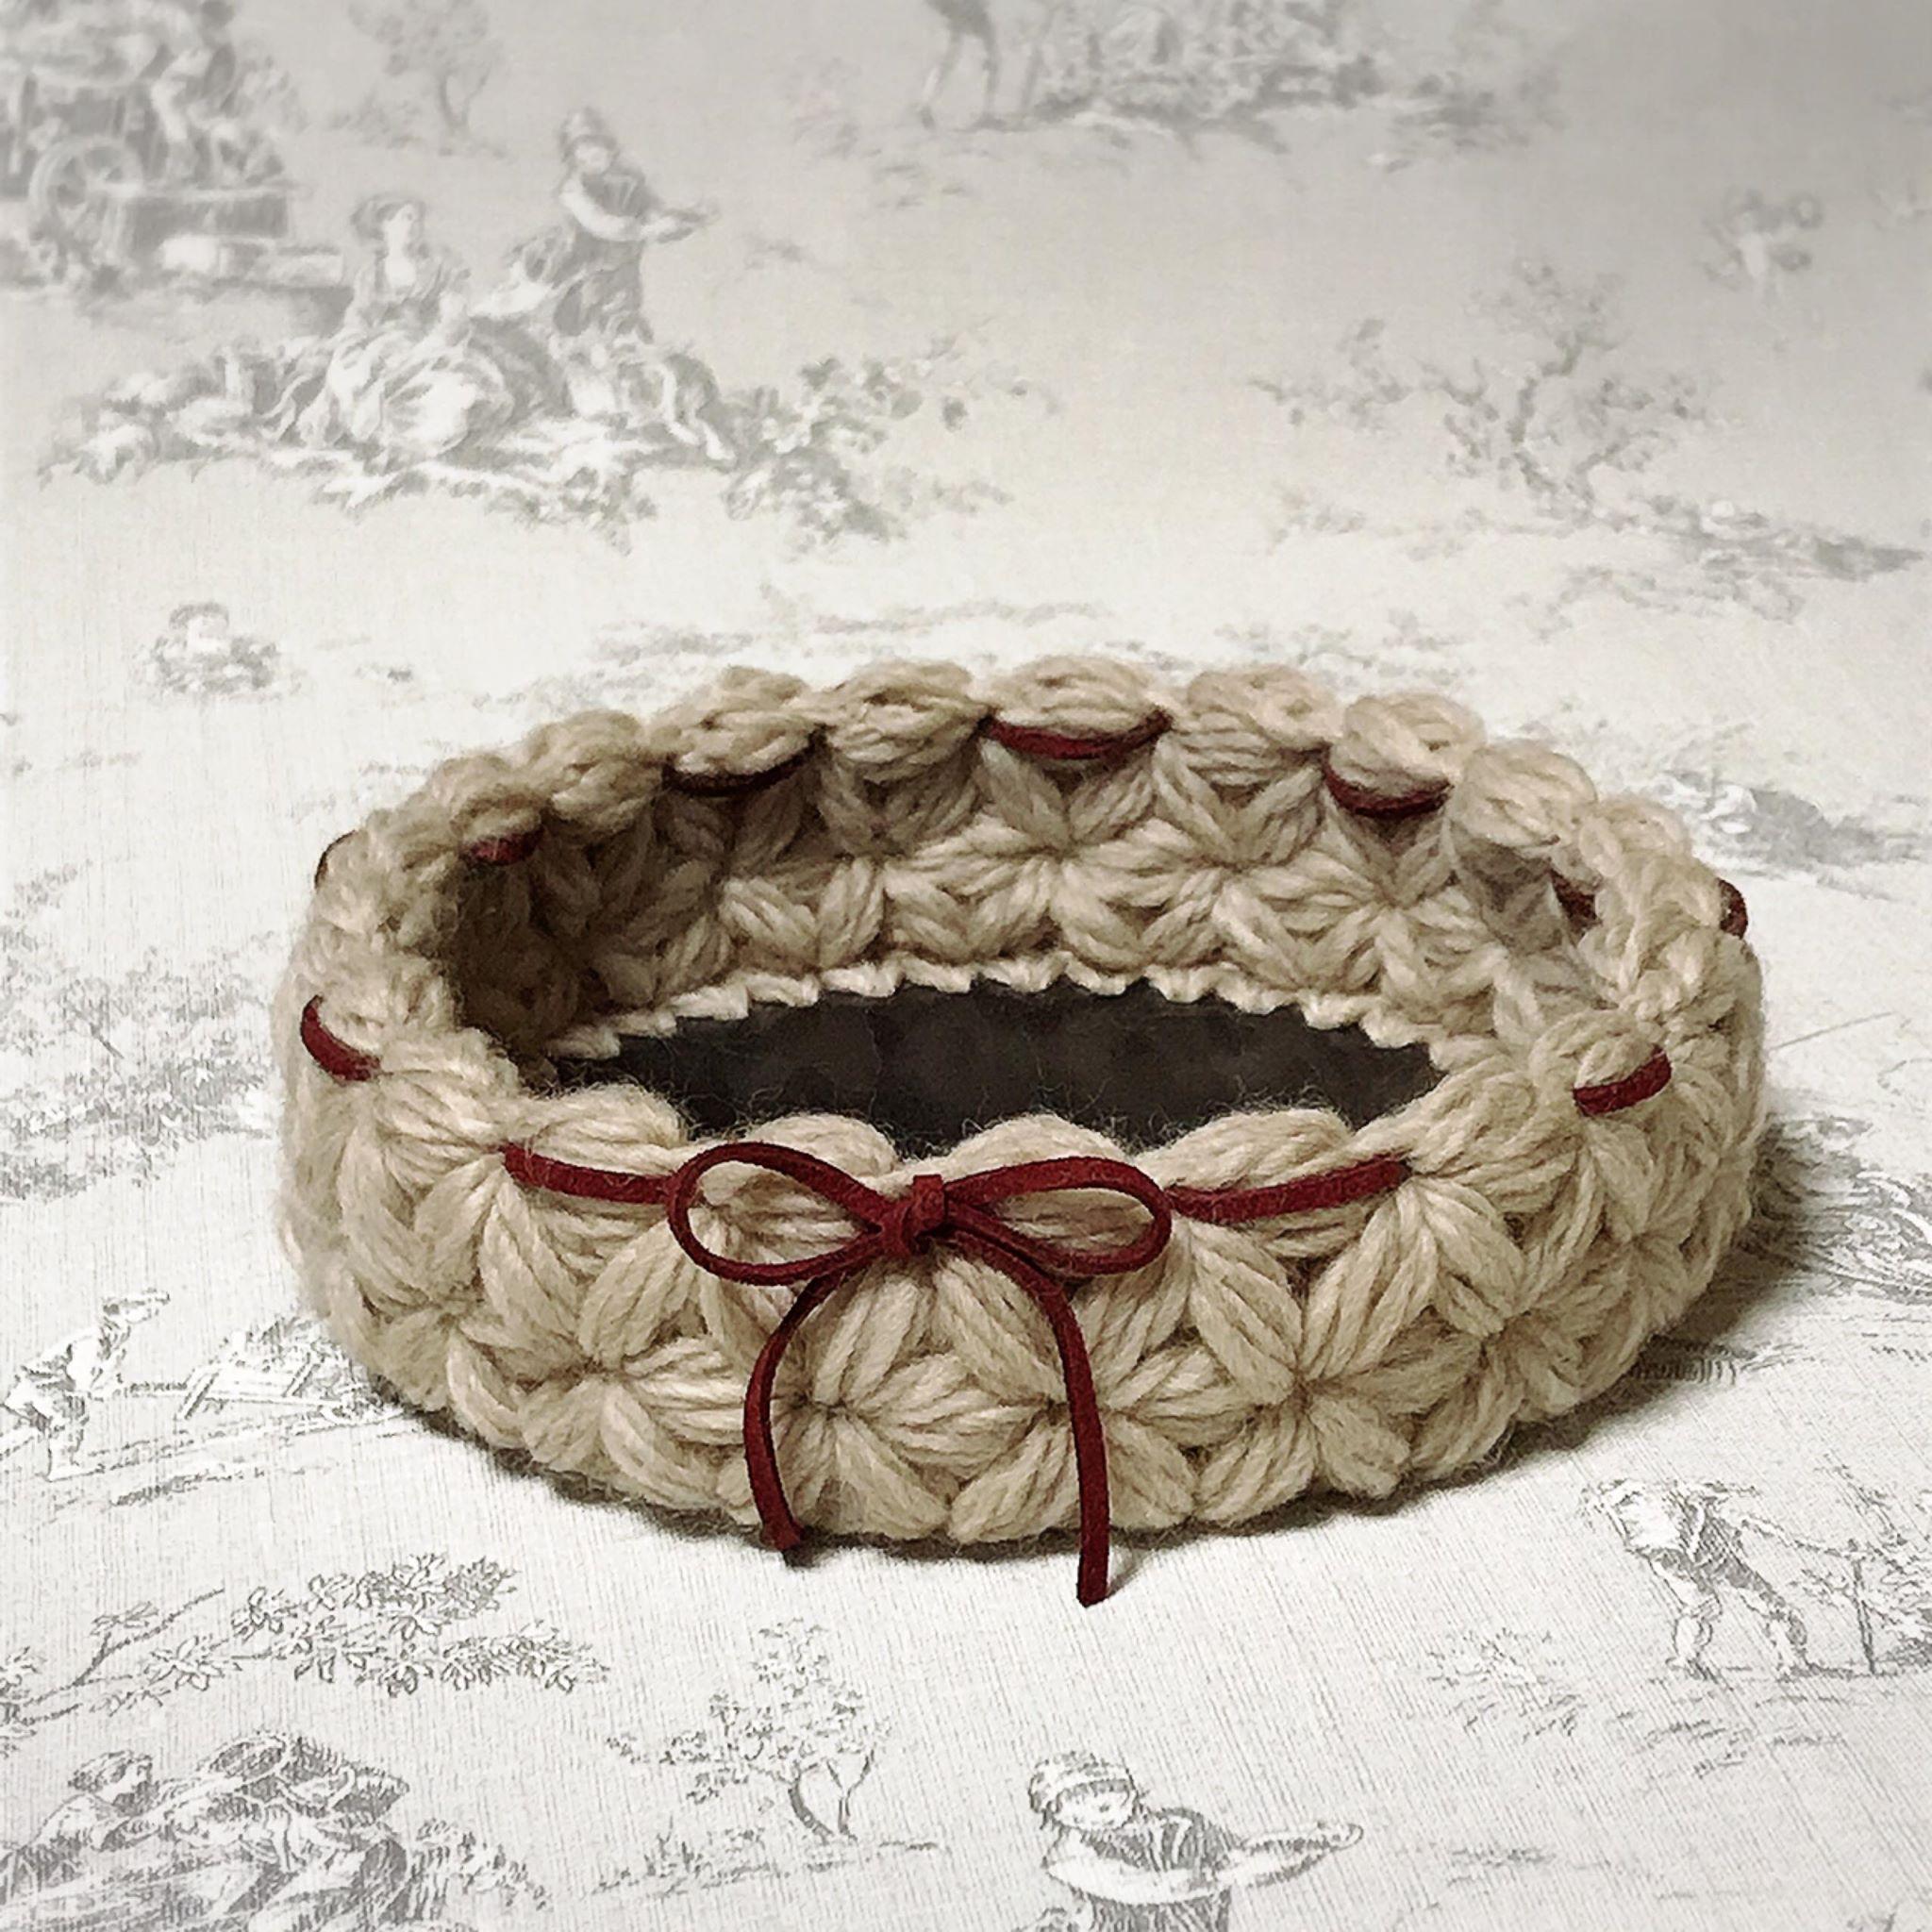 リフ編みで作るトレーのイメージ